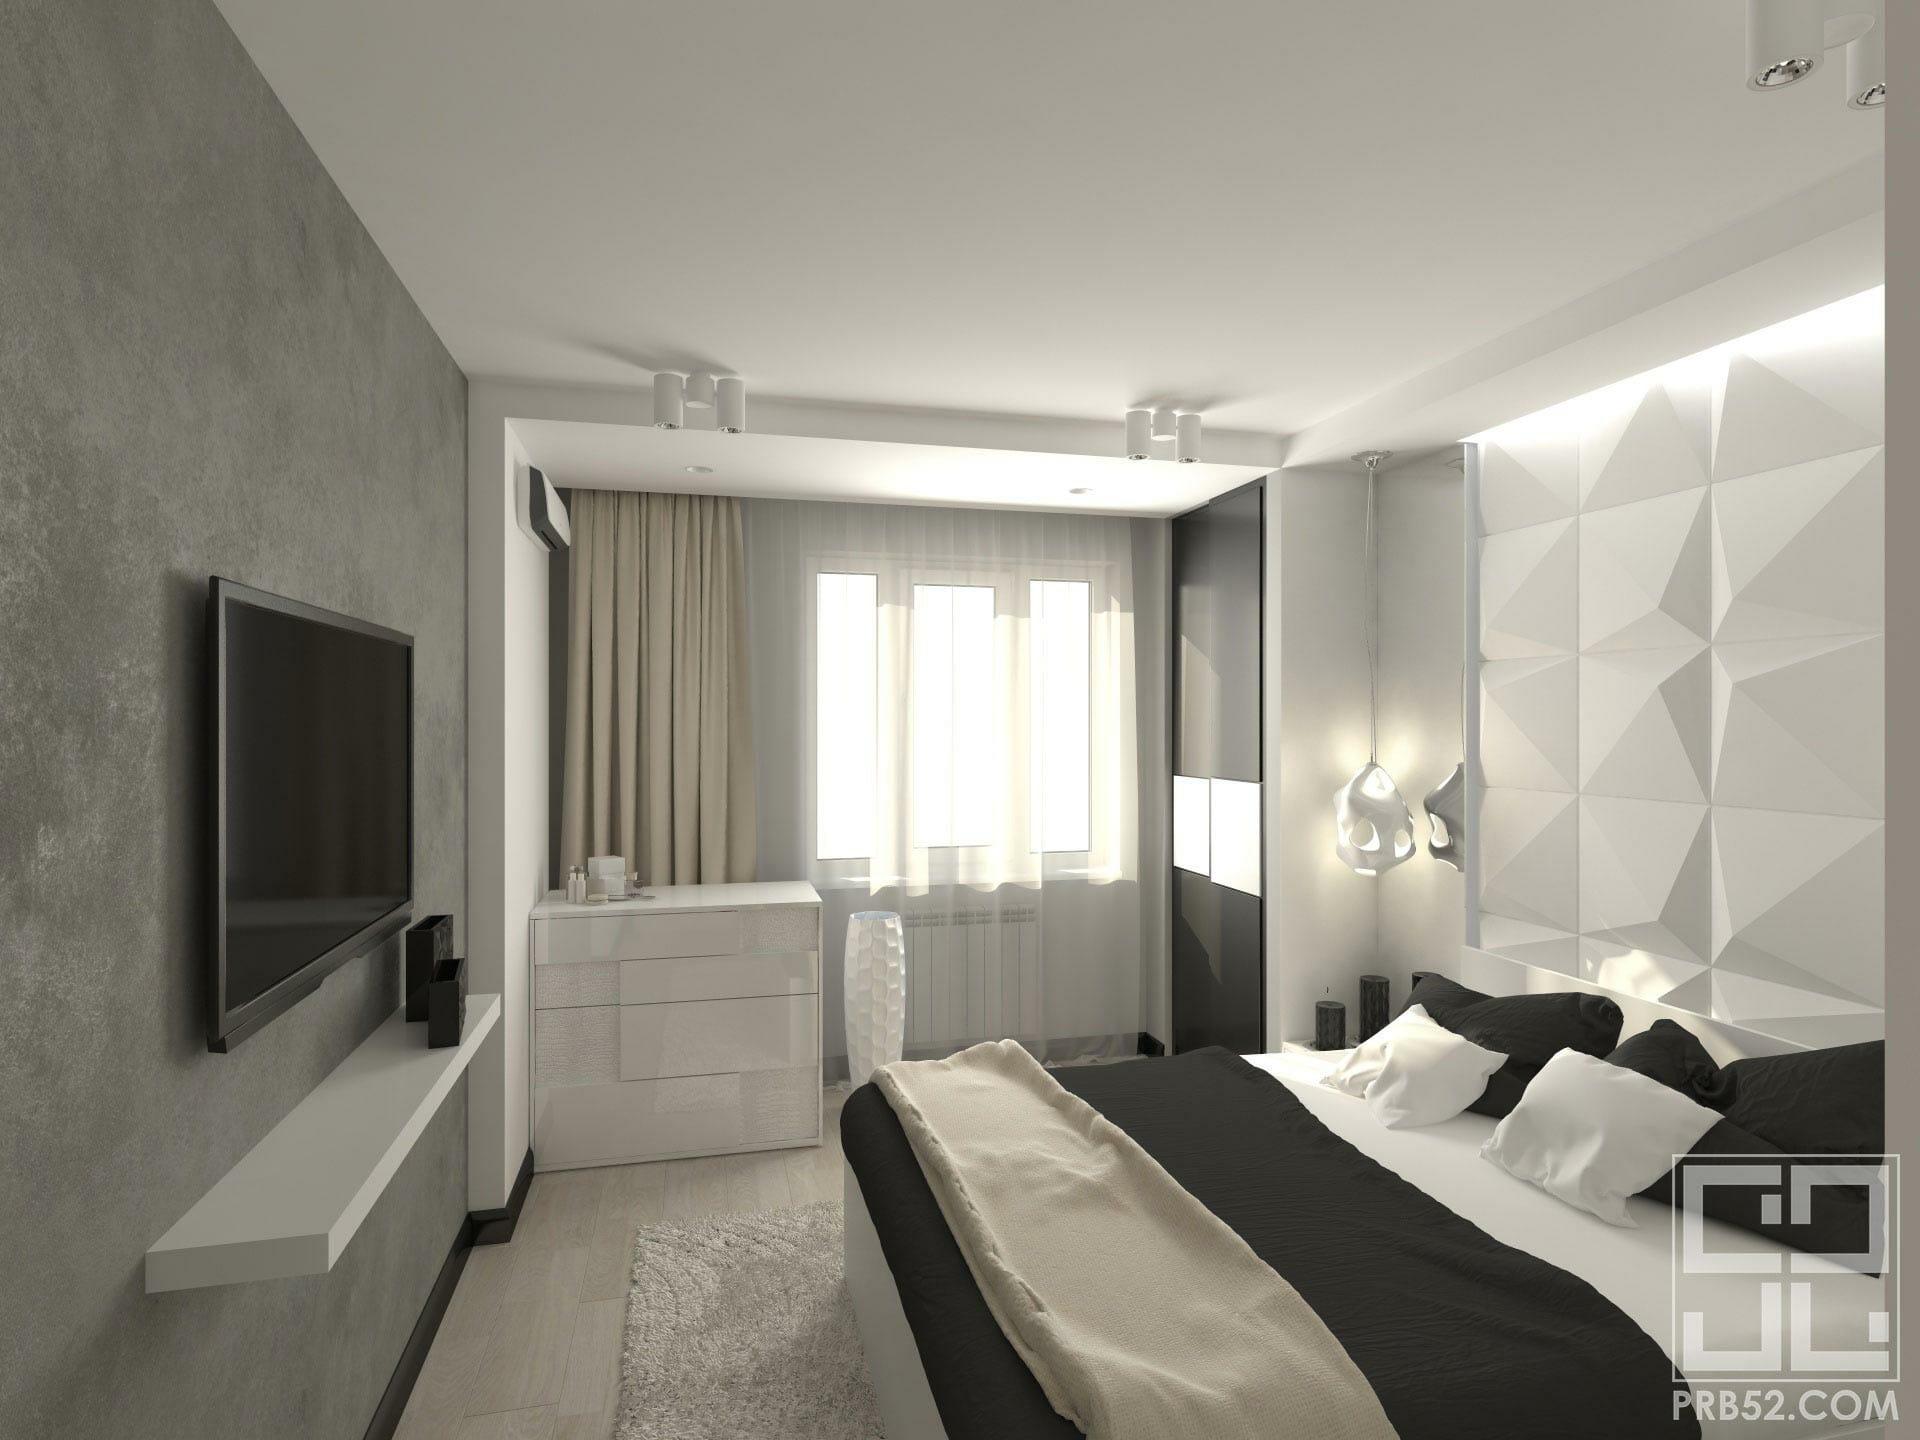 дизайн интерьера спальни с панелями